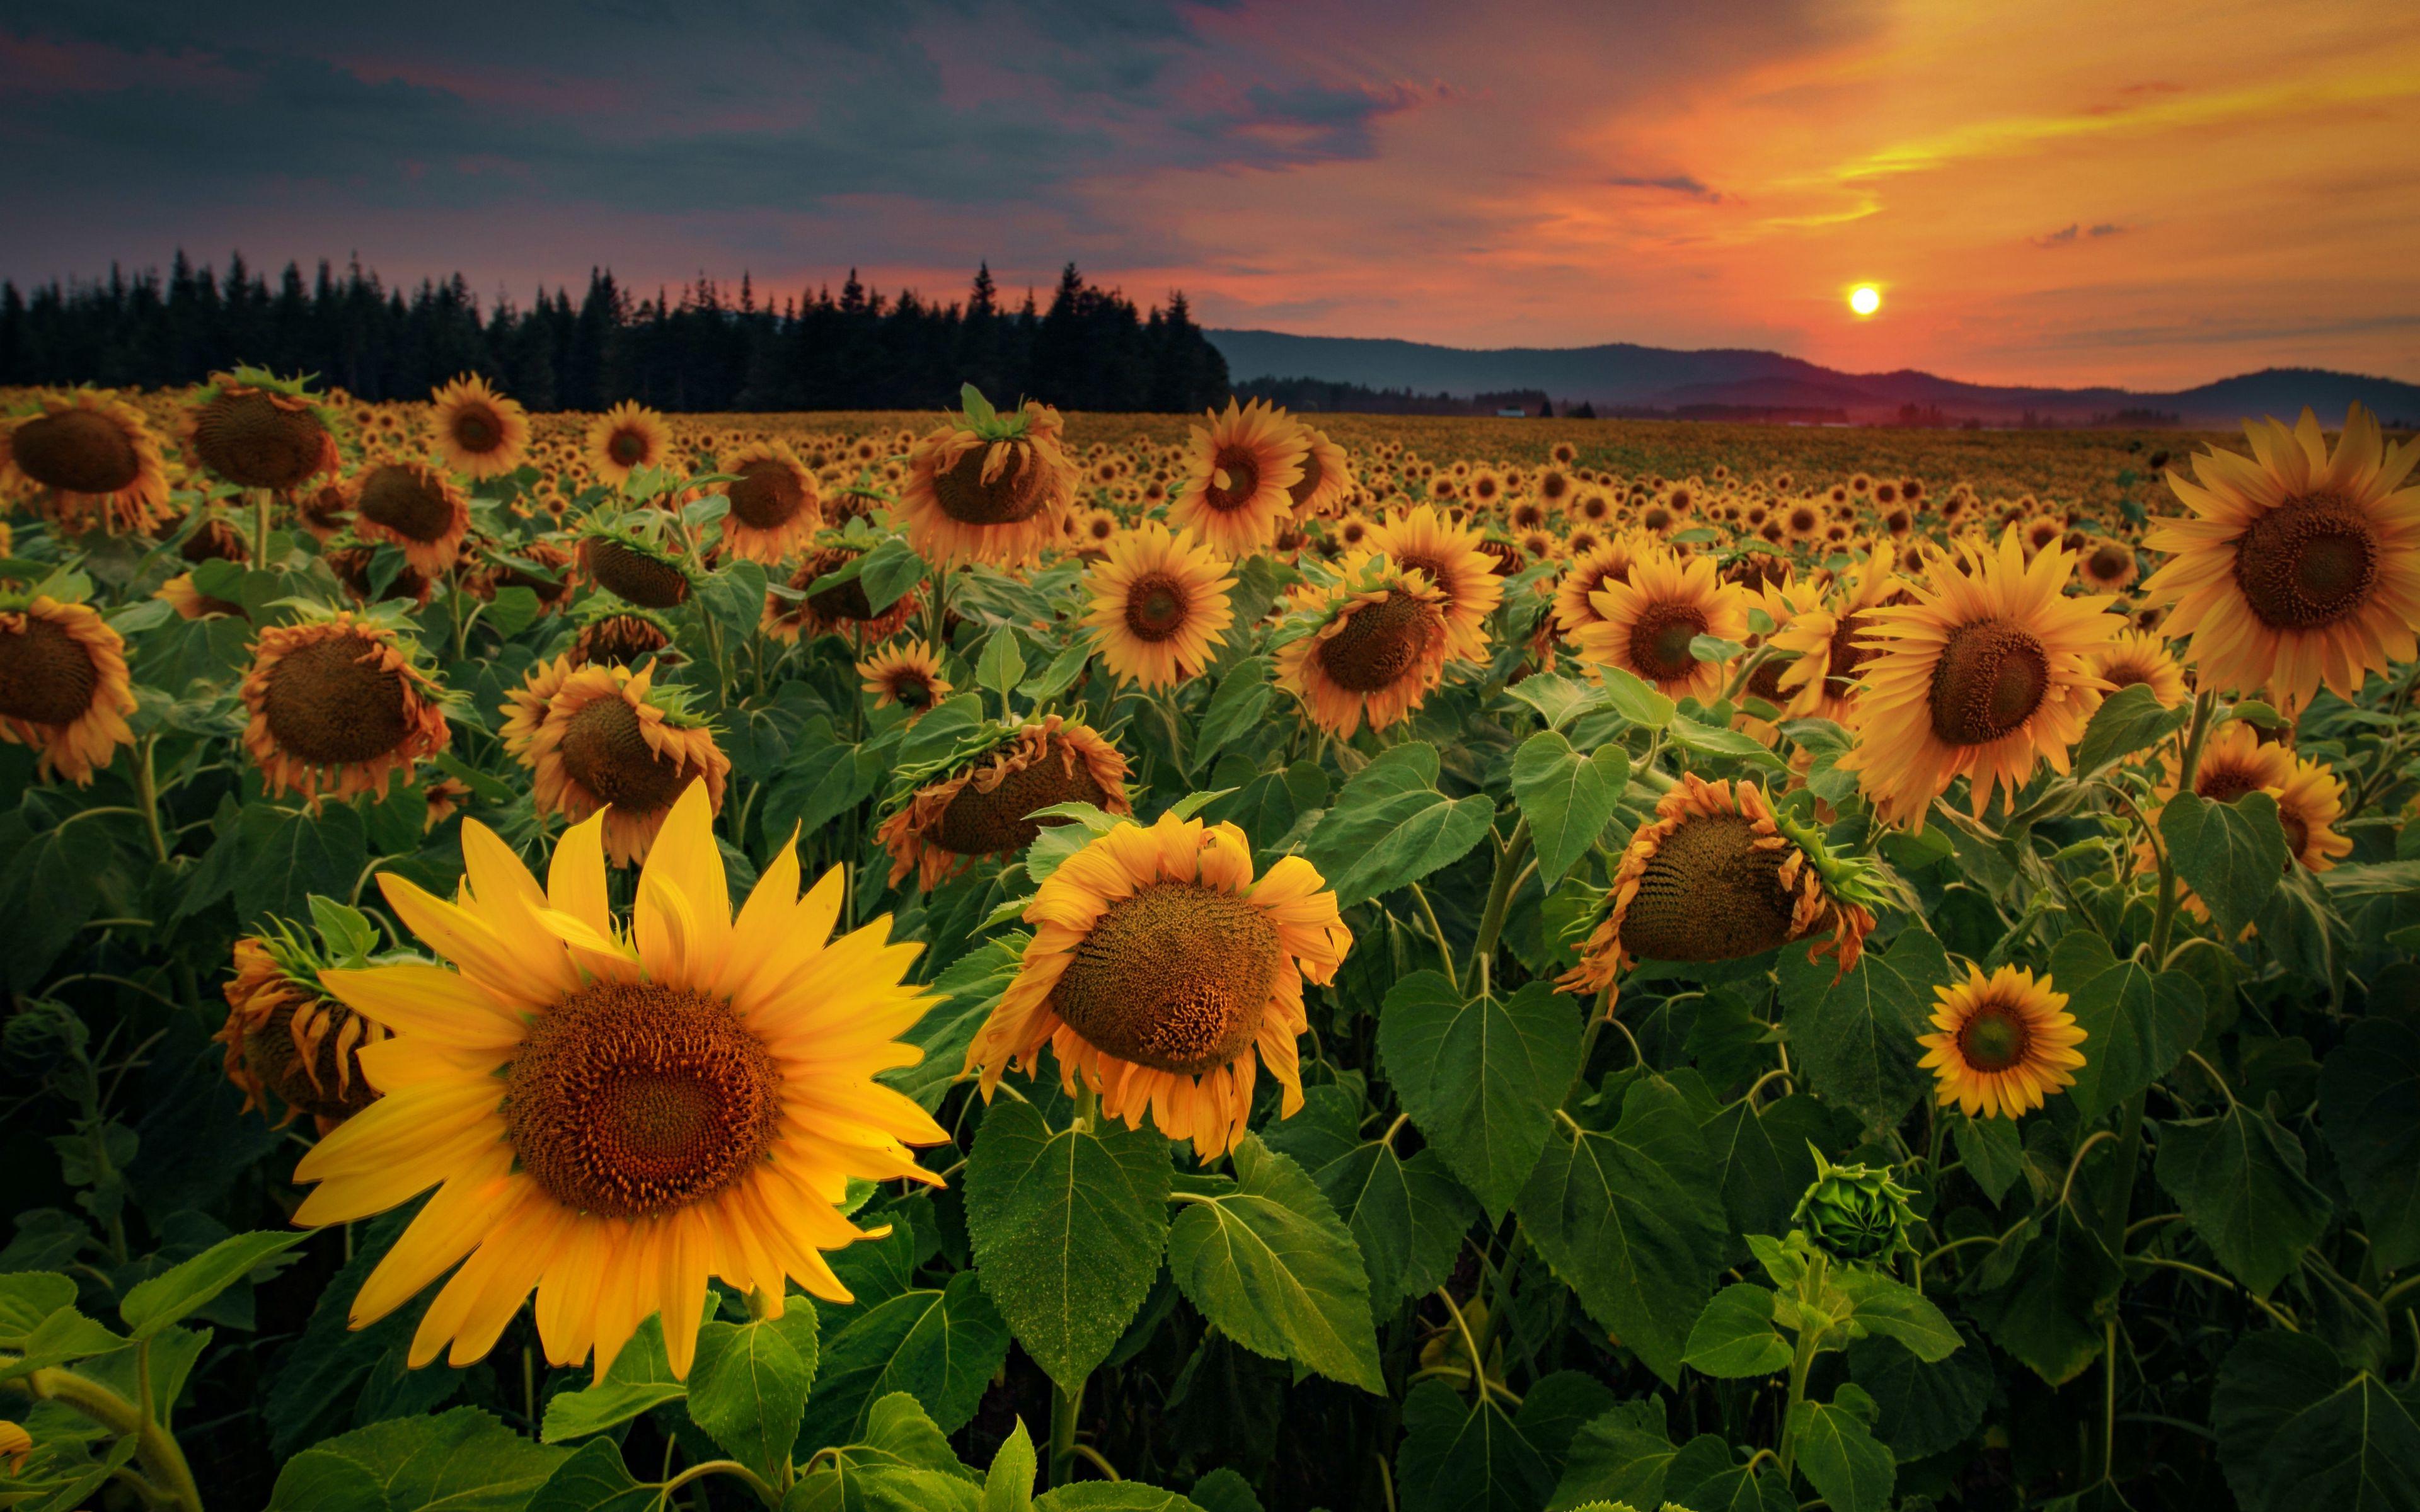 Wallpaper Sunflower Field at sunset